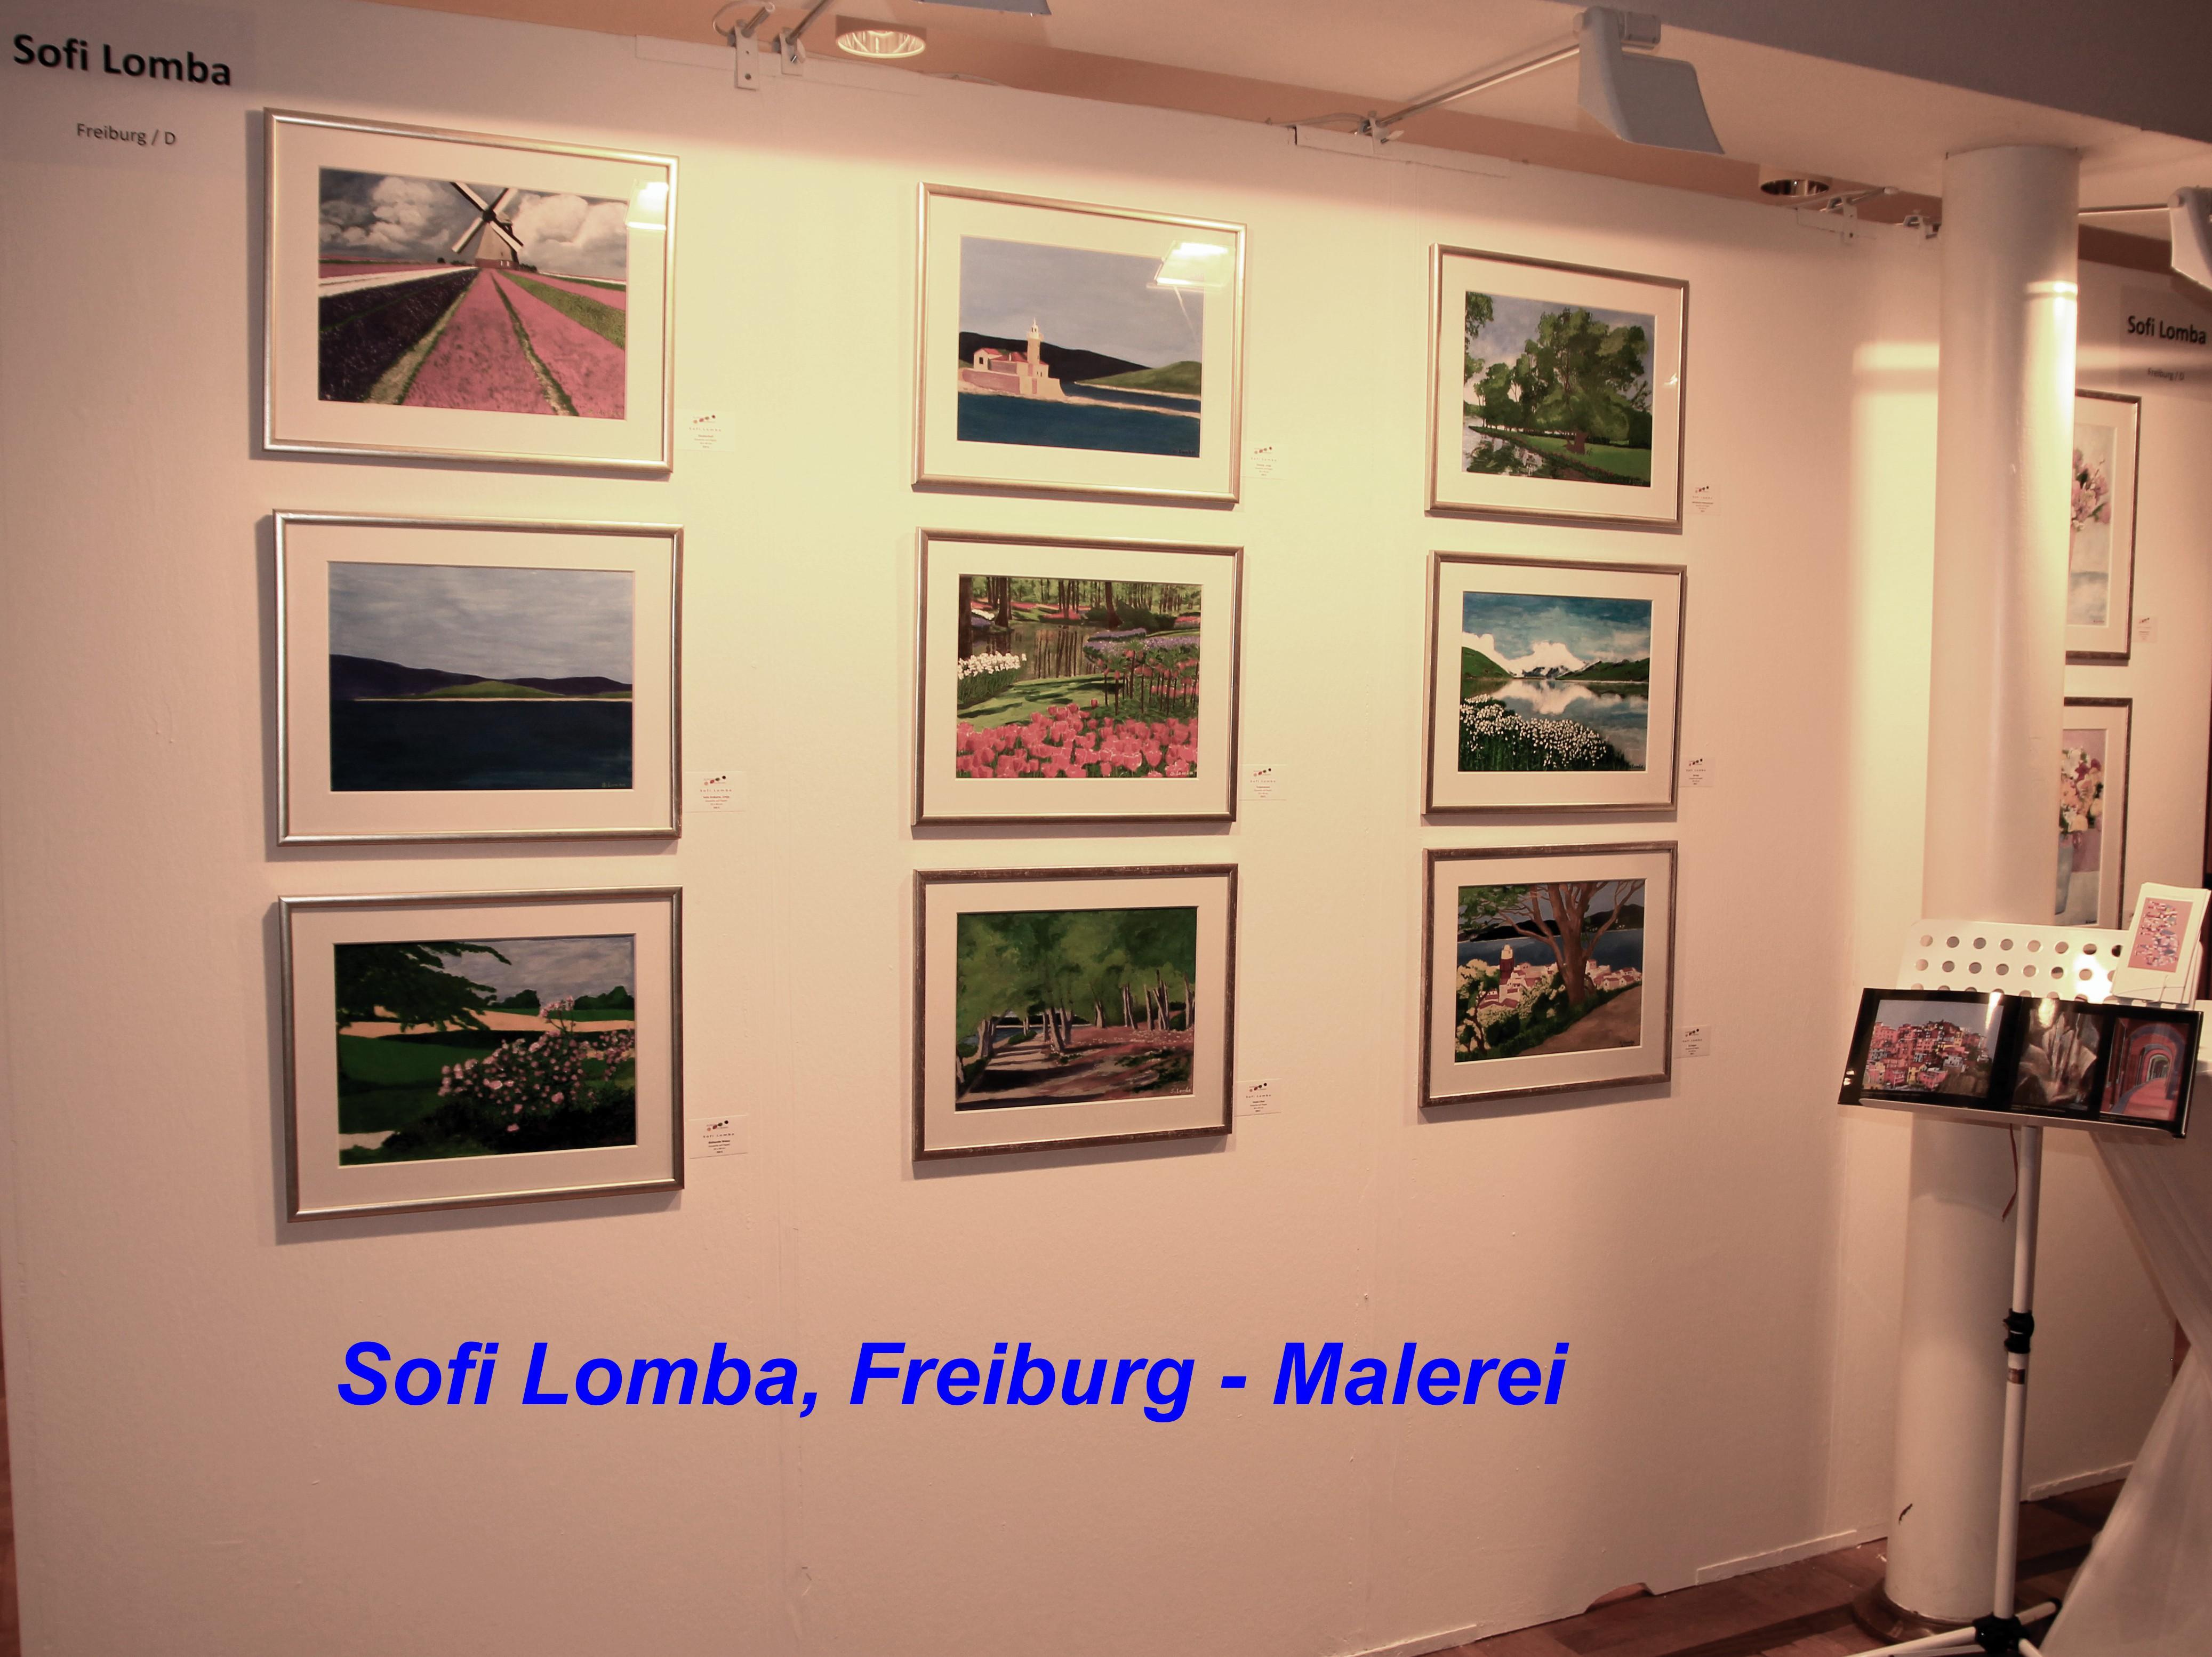 Sofi Lomba, Freiburg - Malerei